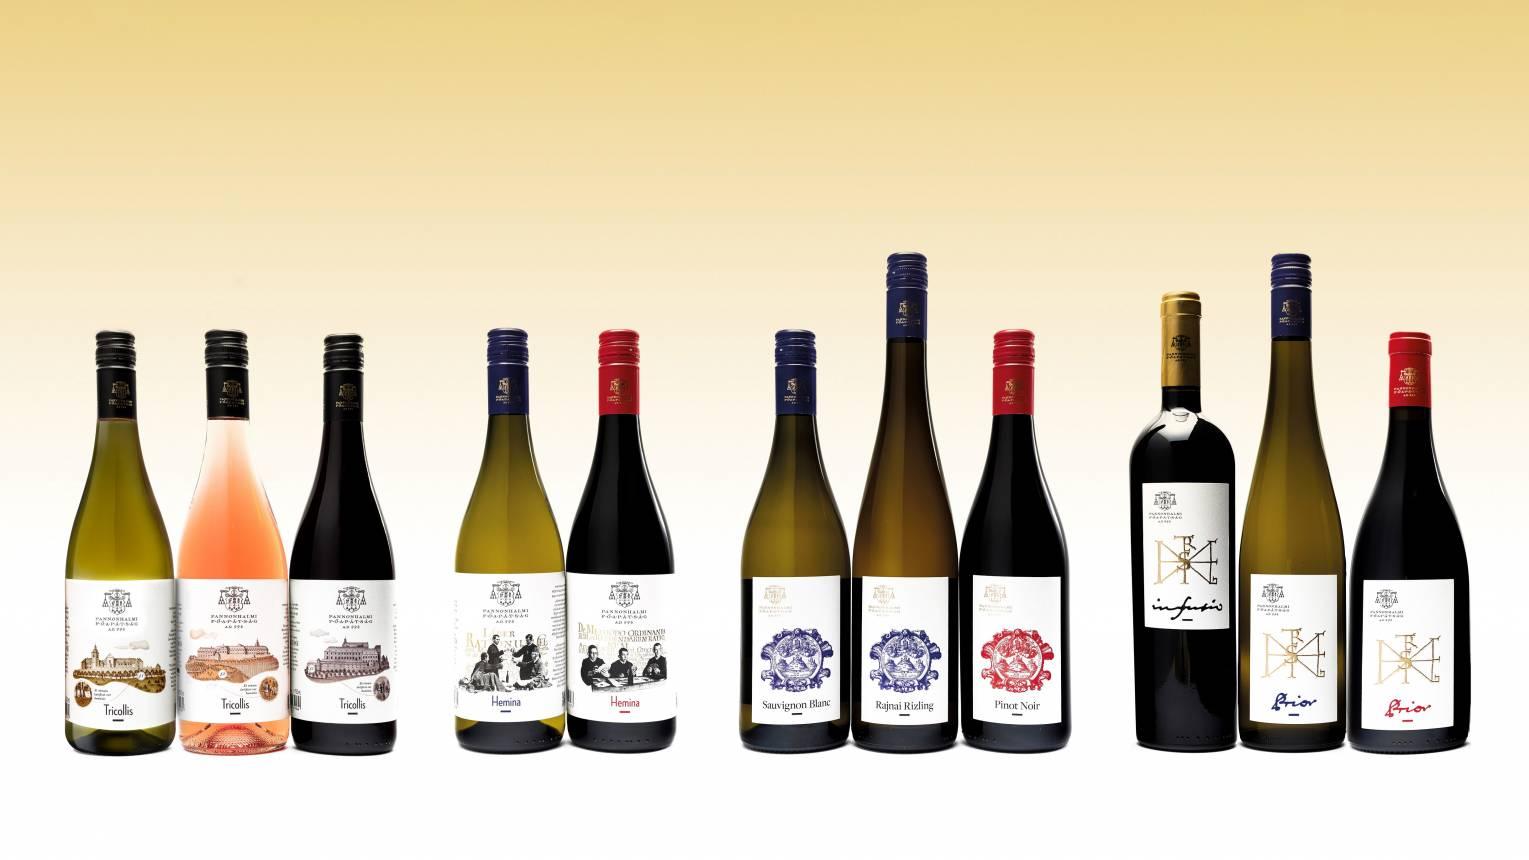 Pannonhalmi Apátsági Pincelátogatás 7 boros kóstolással